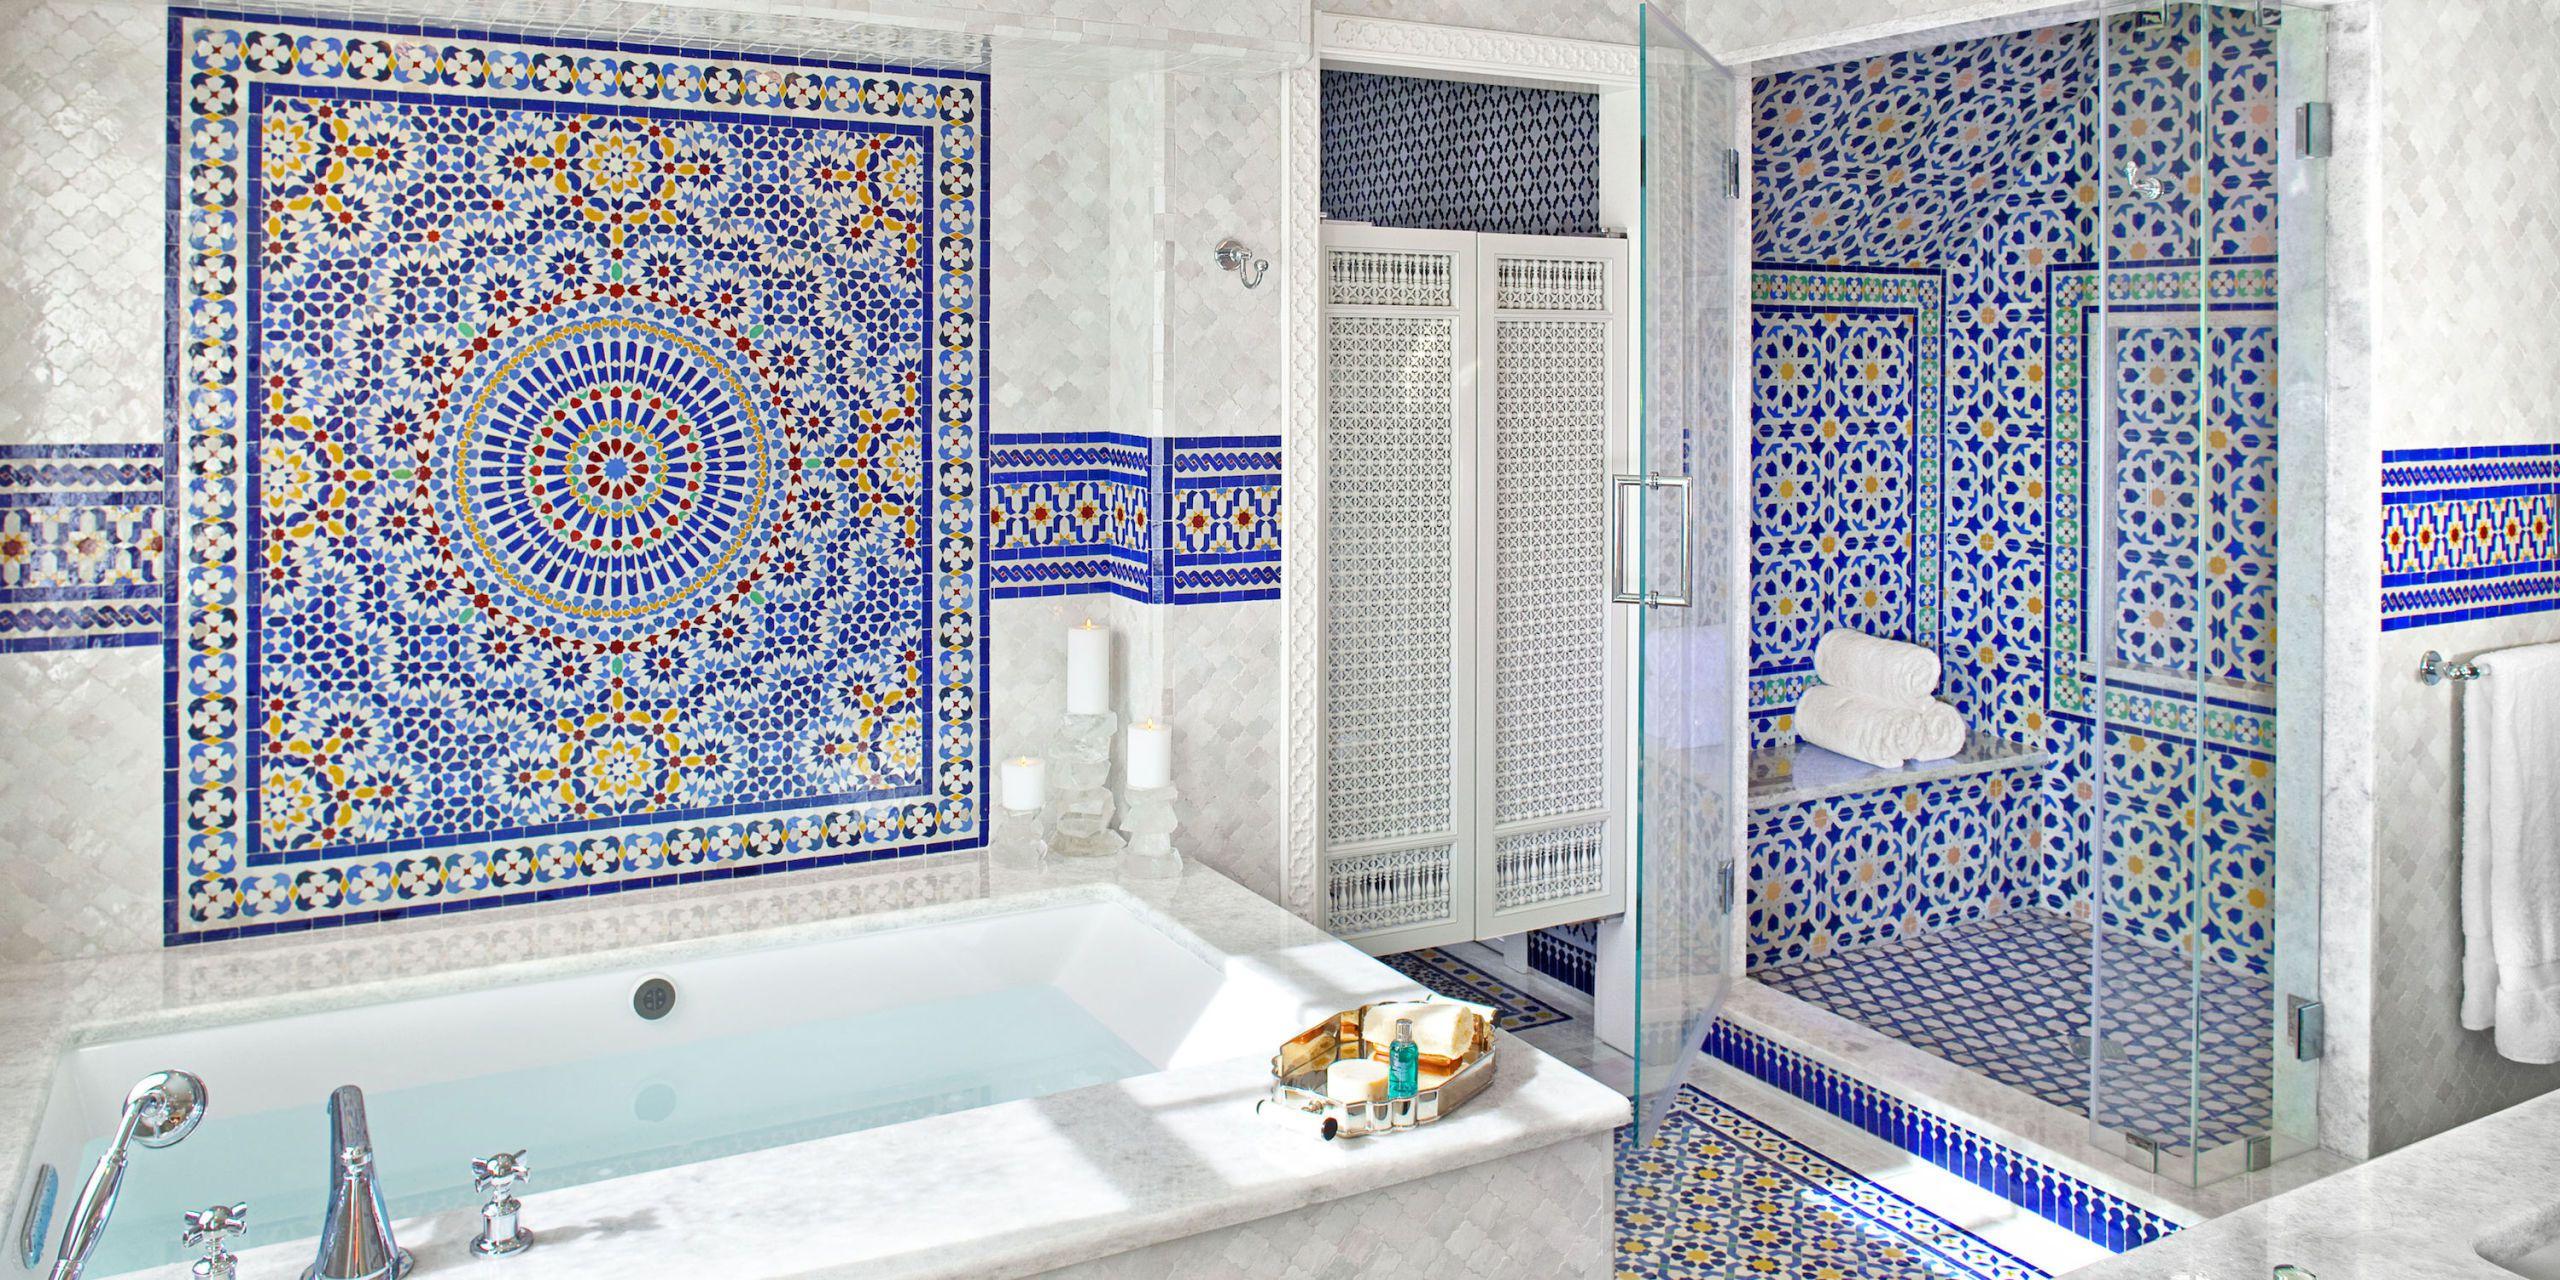 Bathroom tile designs image TGASLAX